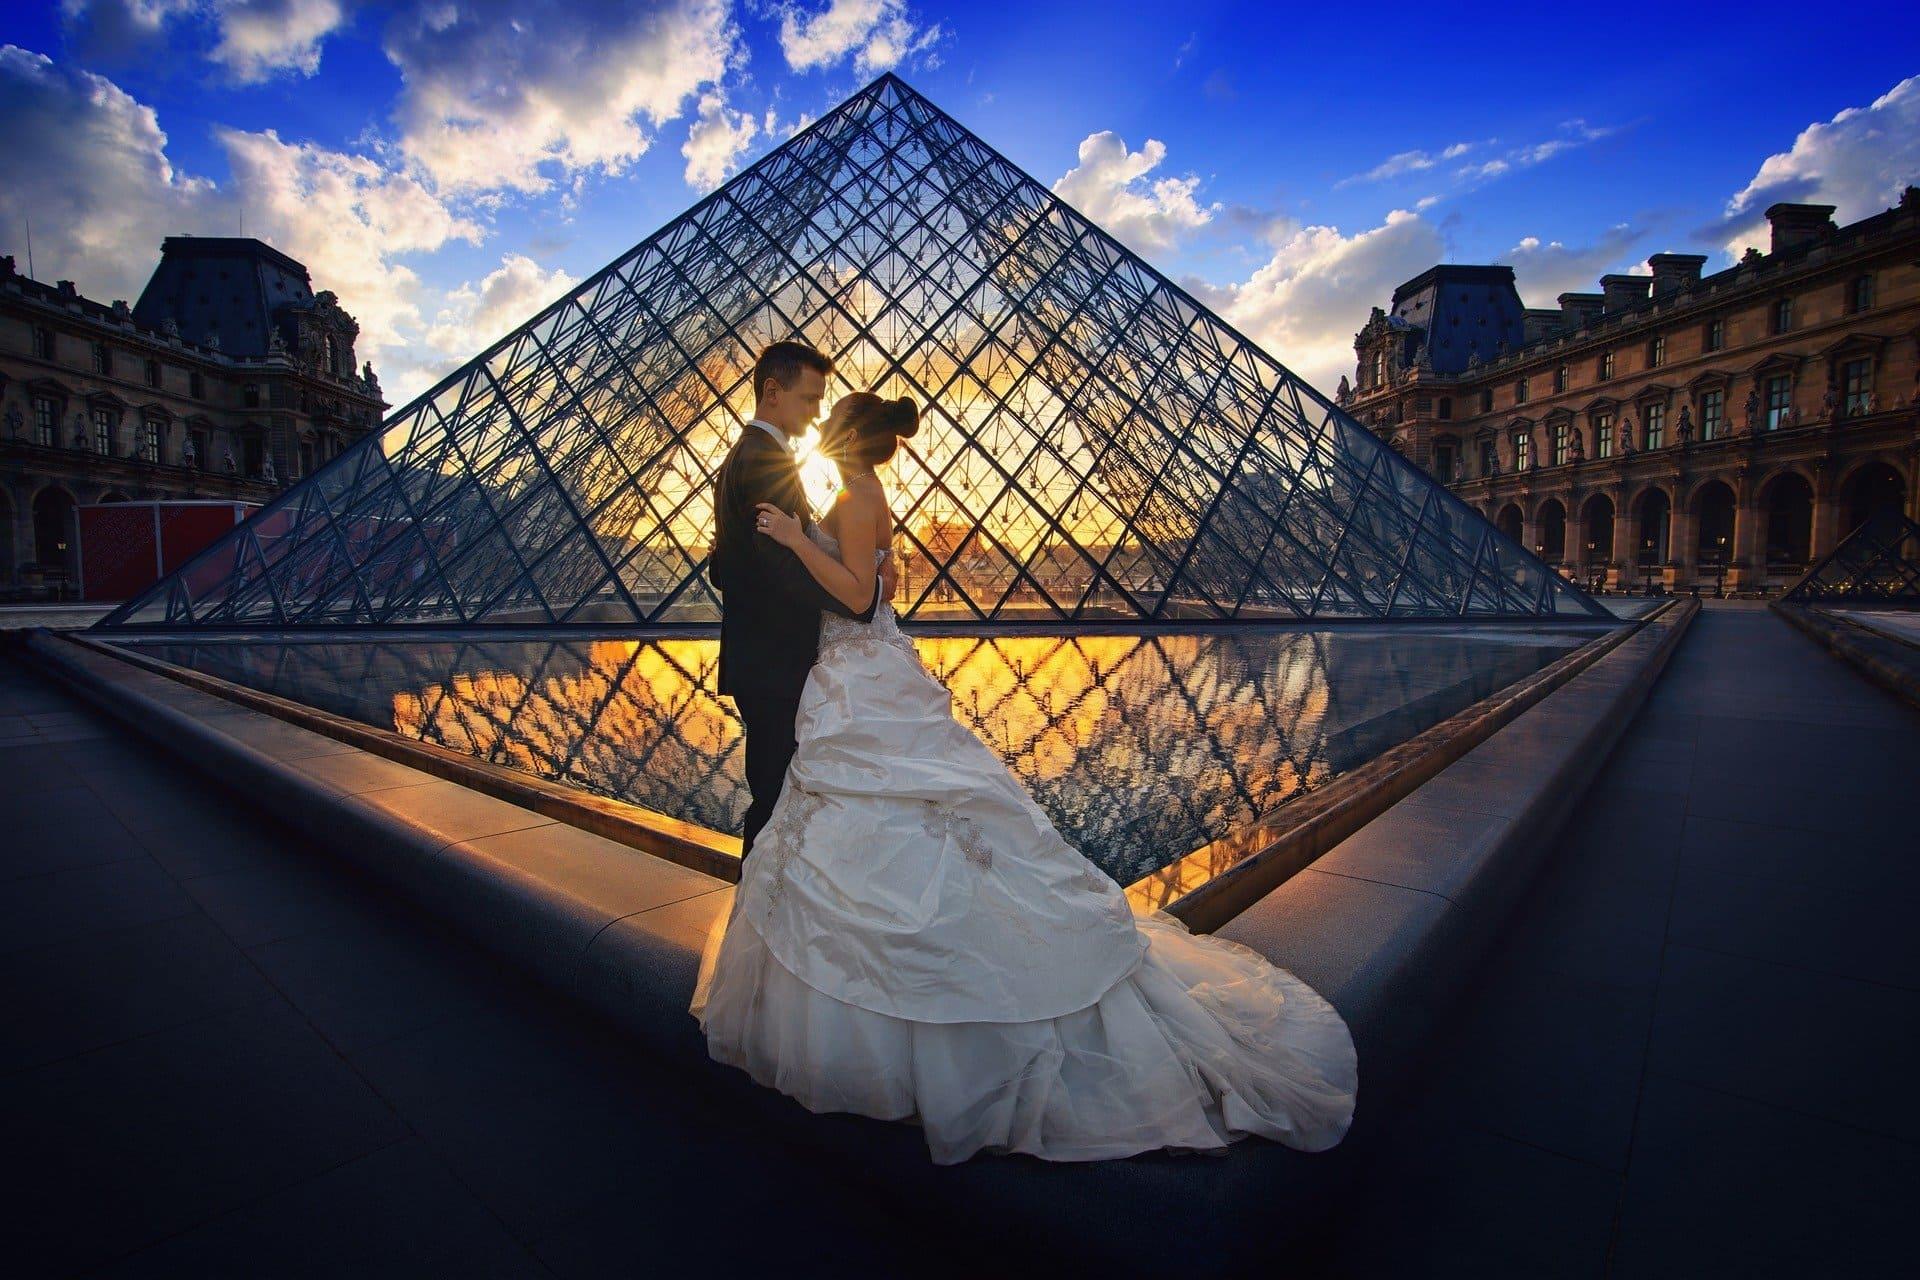 ロマンチックな雰囲気のカップル